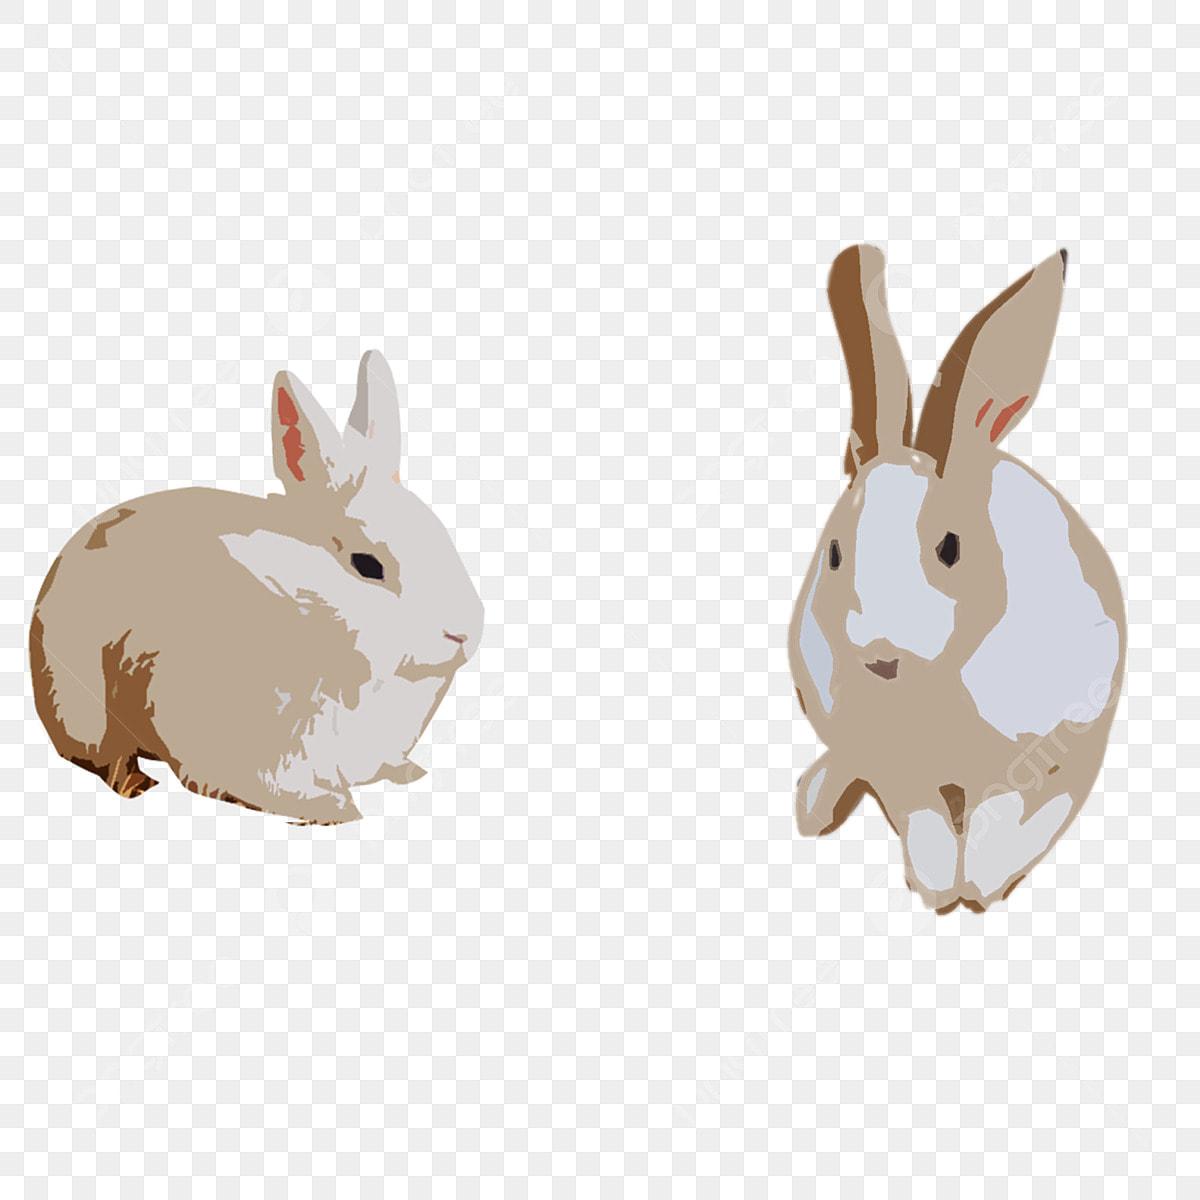 لطيف الارنب الرمادي عنصر زخرفي عنصر زخرفي الأرنب الصغير حيوان Png صورة للتحميل مجانا